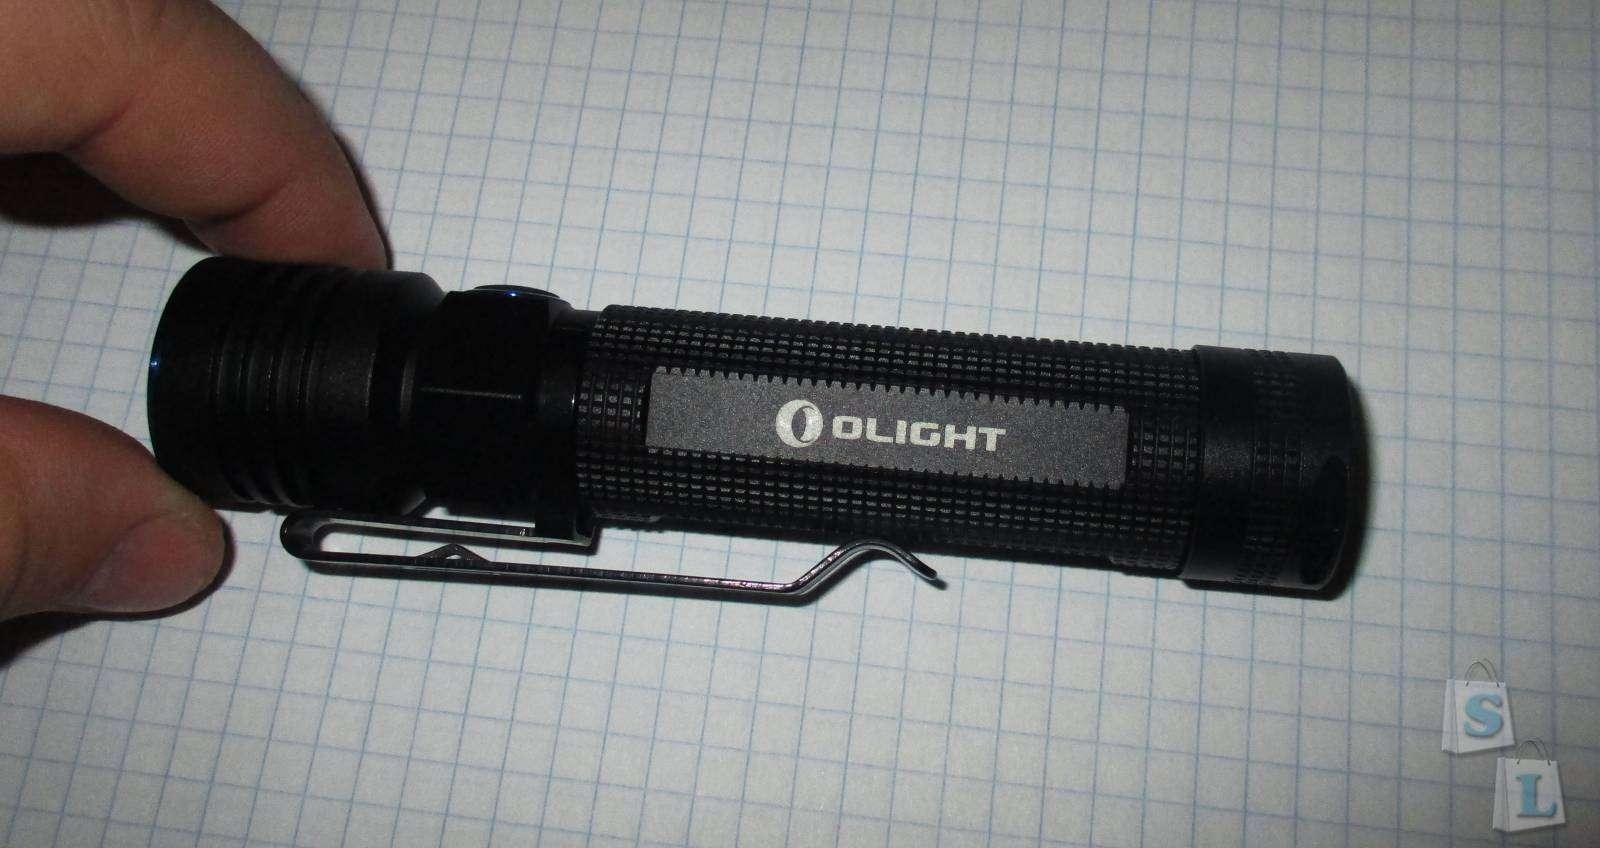 Другие - Россия: Фонарь Olight S30R Baton III